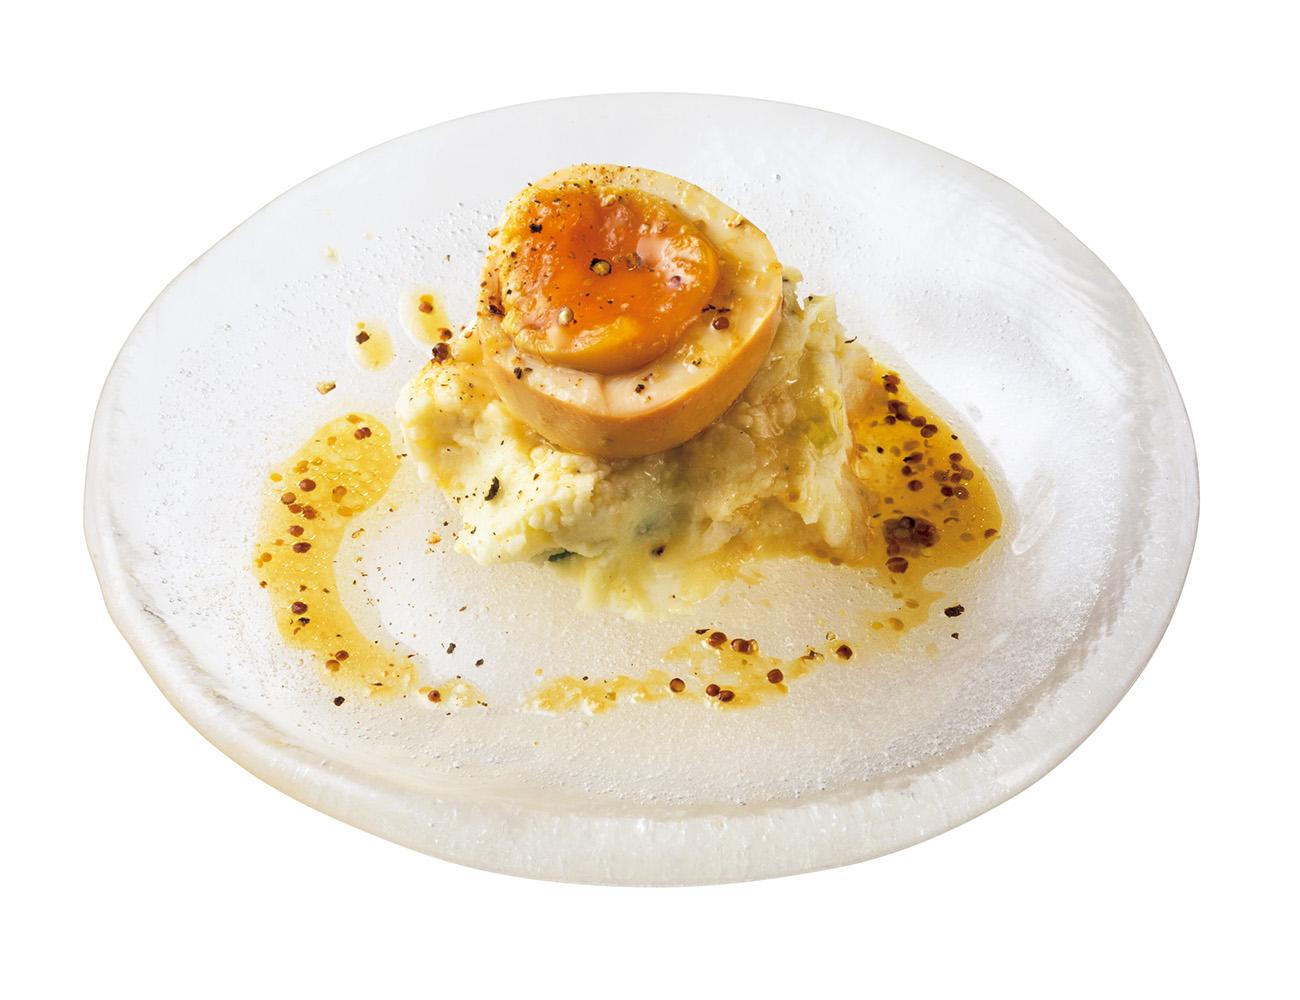 今や〈高太郎〉の代名詞的存在、燻玉ポテトサラダ¥880。